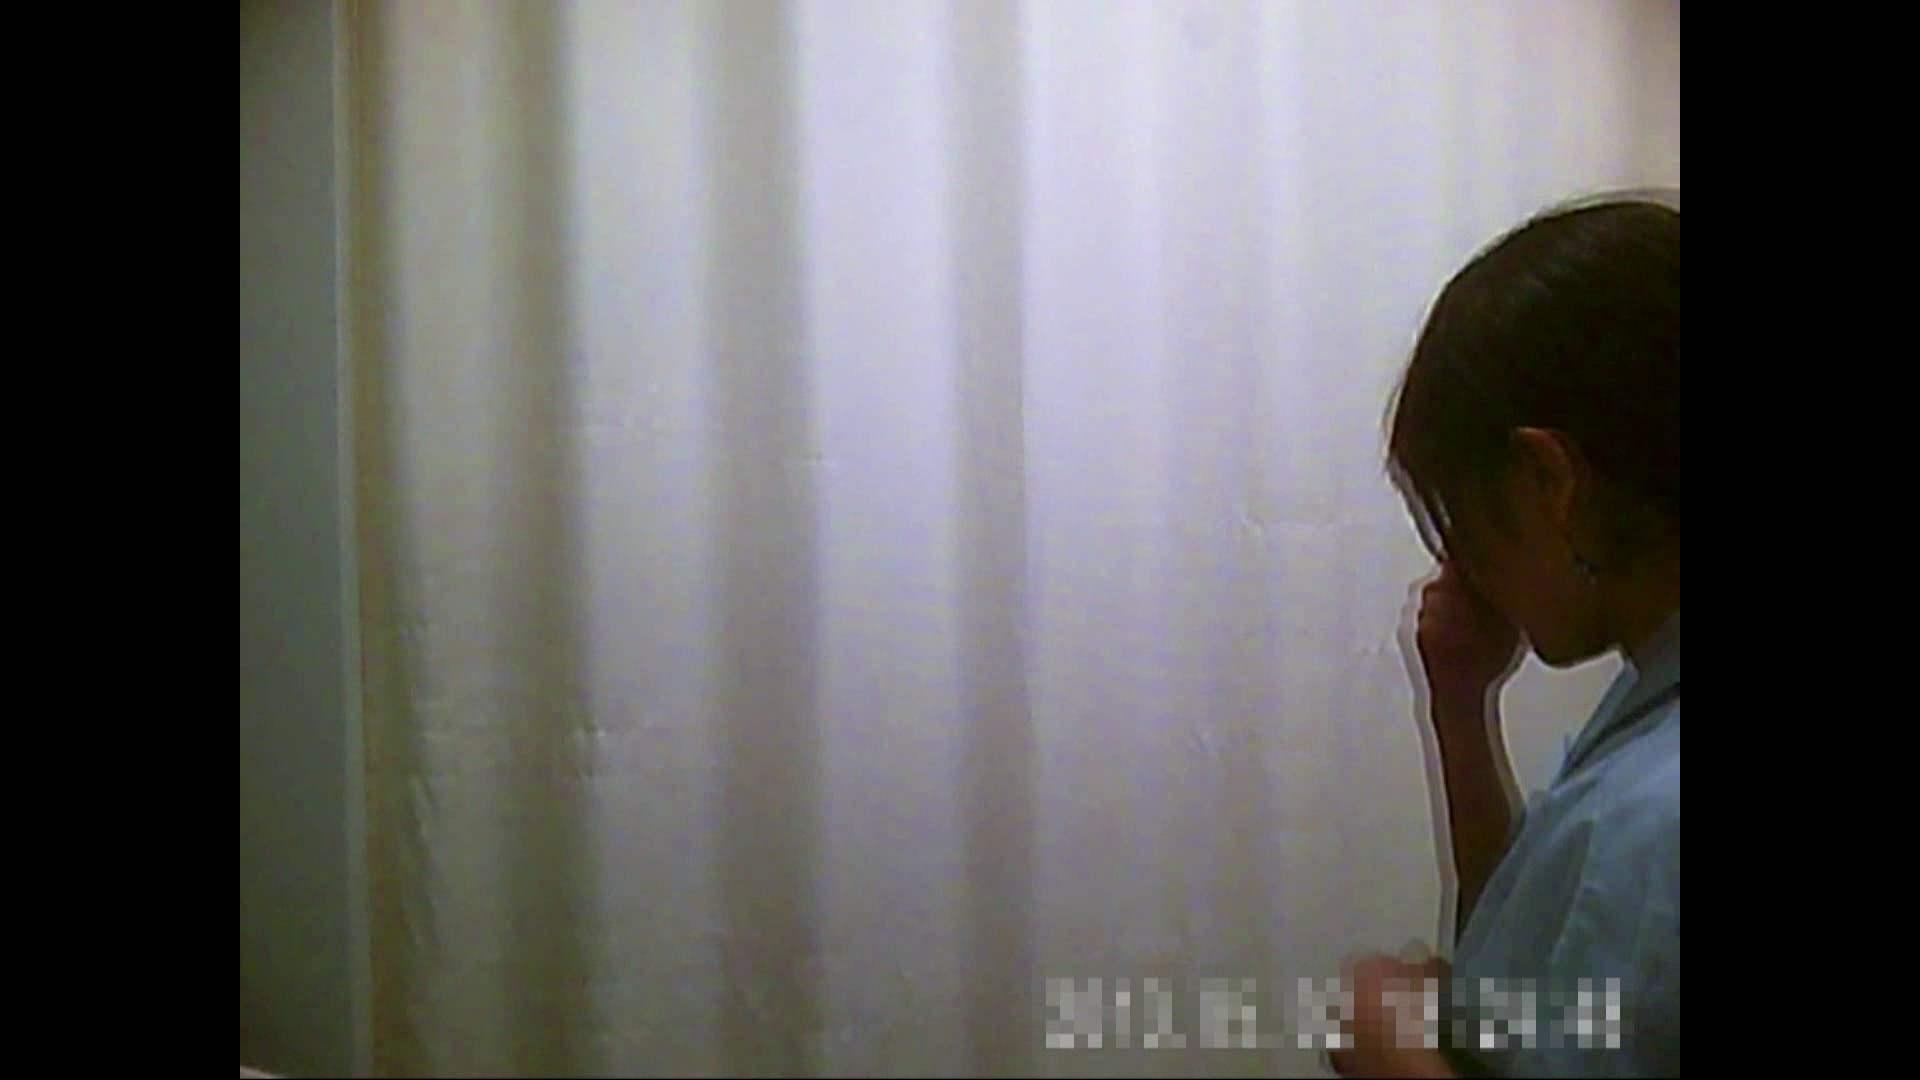 病院おもいっきり着替え! vol.208 OLセックス 盗撮オメコ無修正動画無料 91画像 51